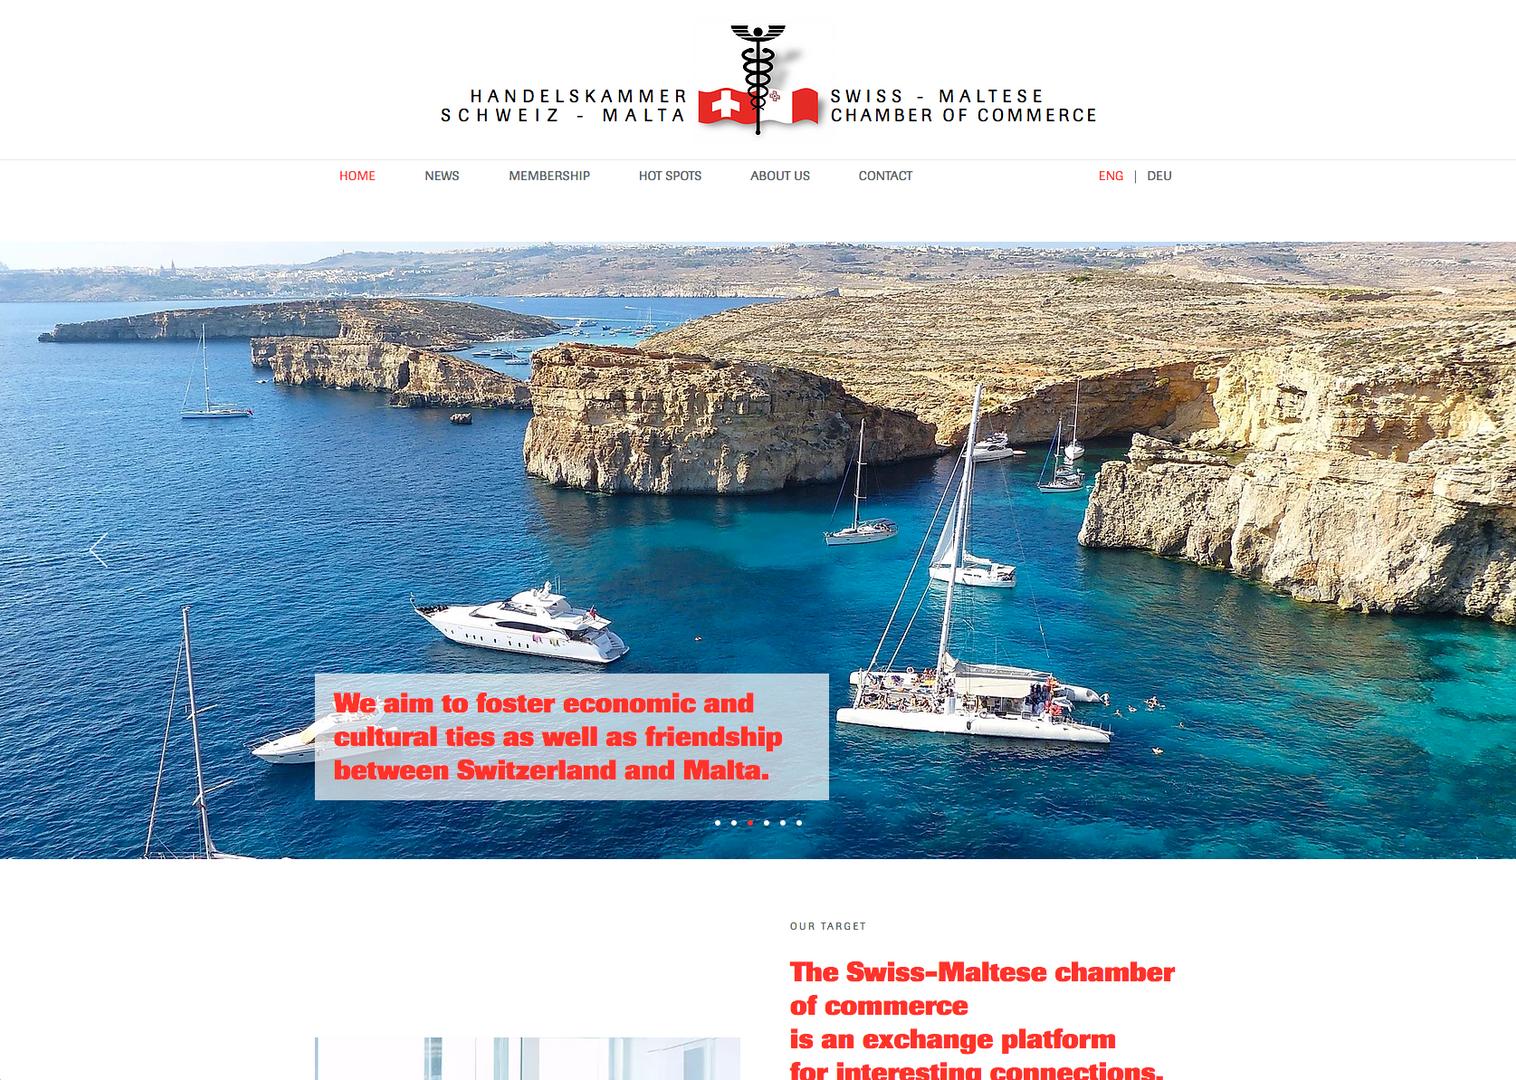 Handelskammer Schweiz-Malta